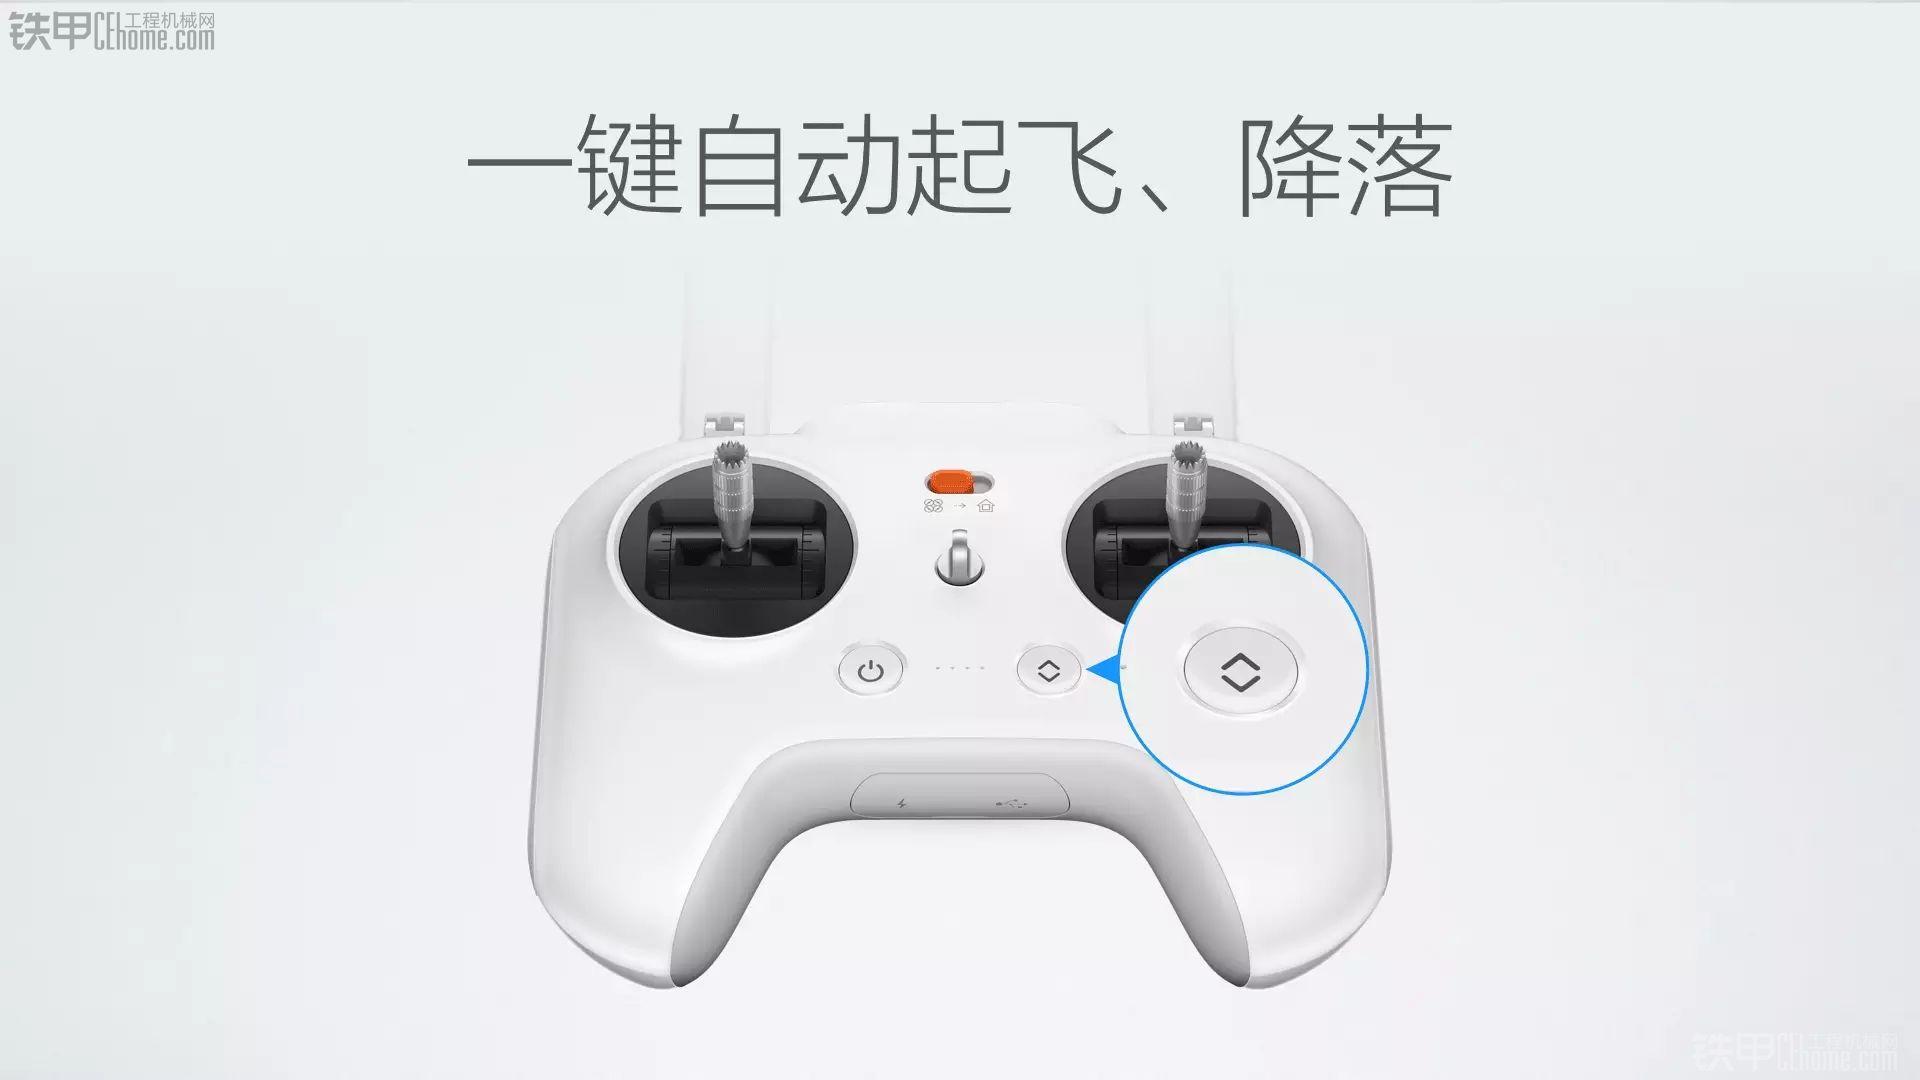 小米无人机2499怎么样,想买一个玩玩,你们怎么看?